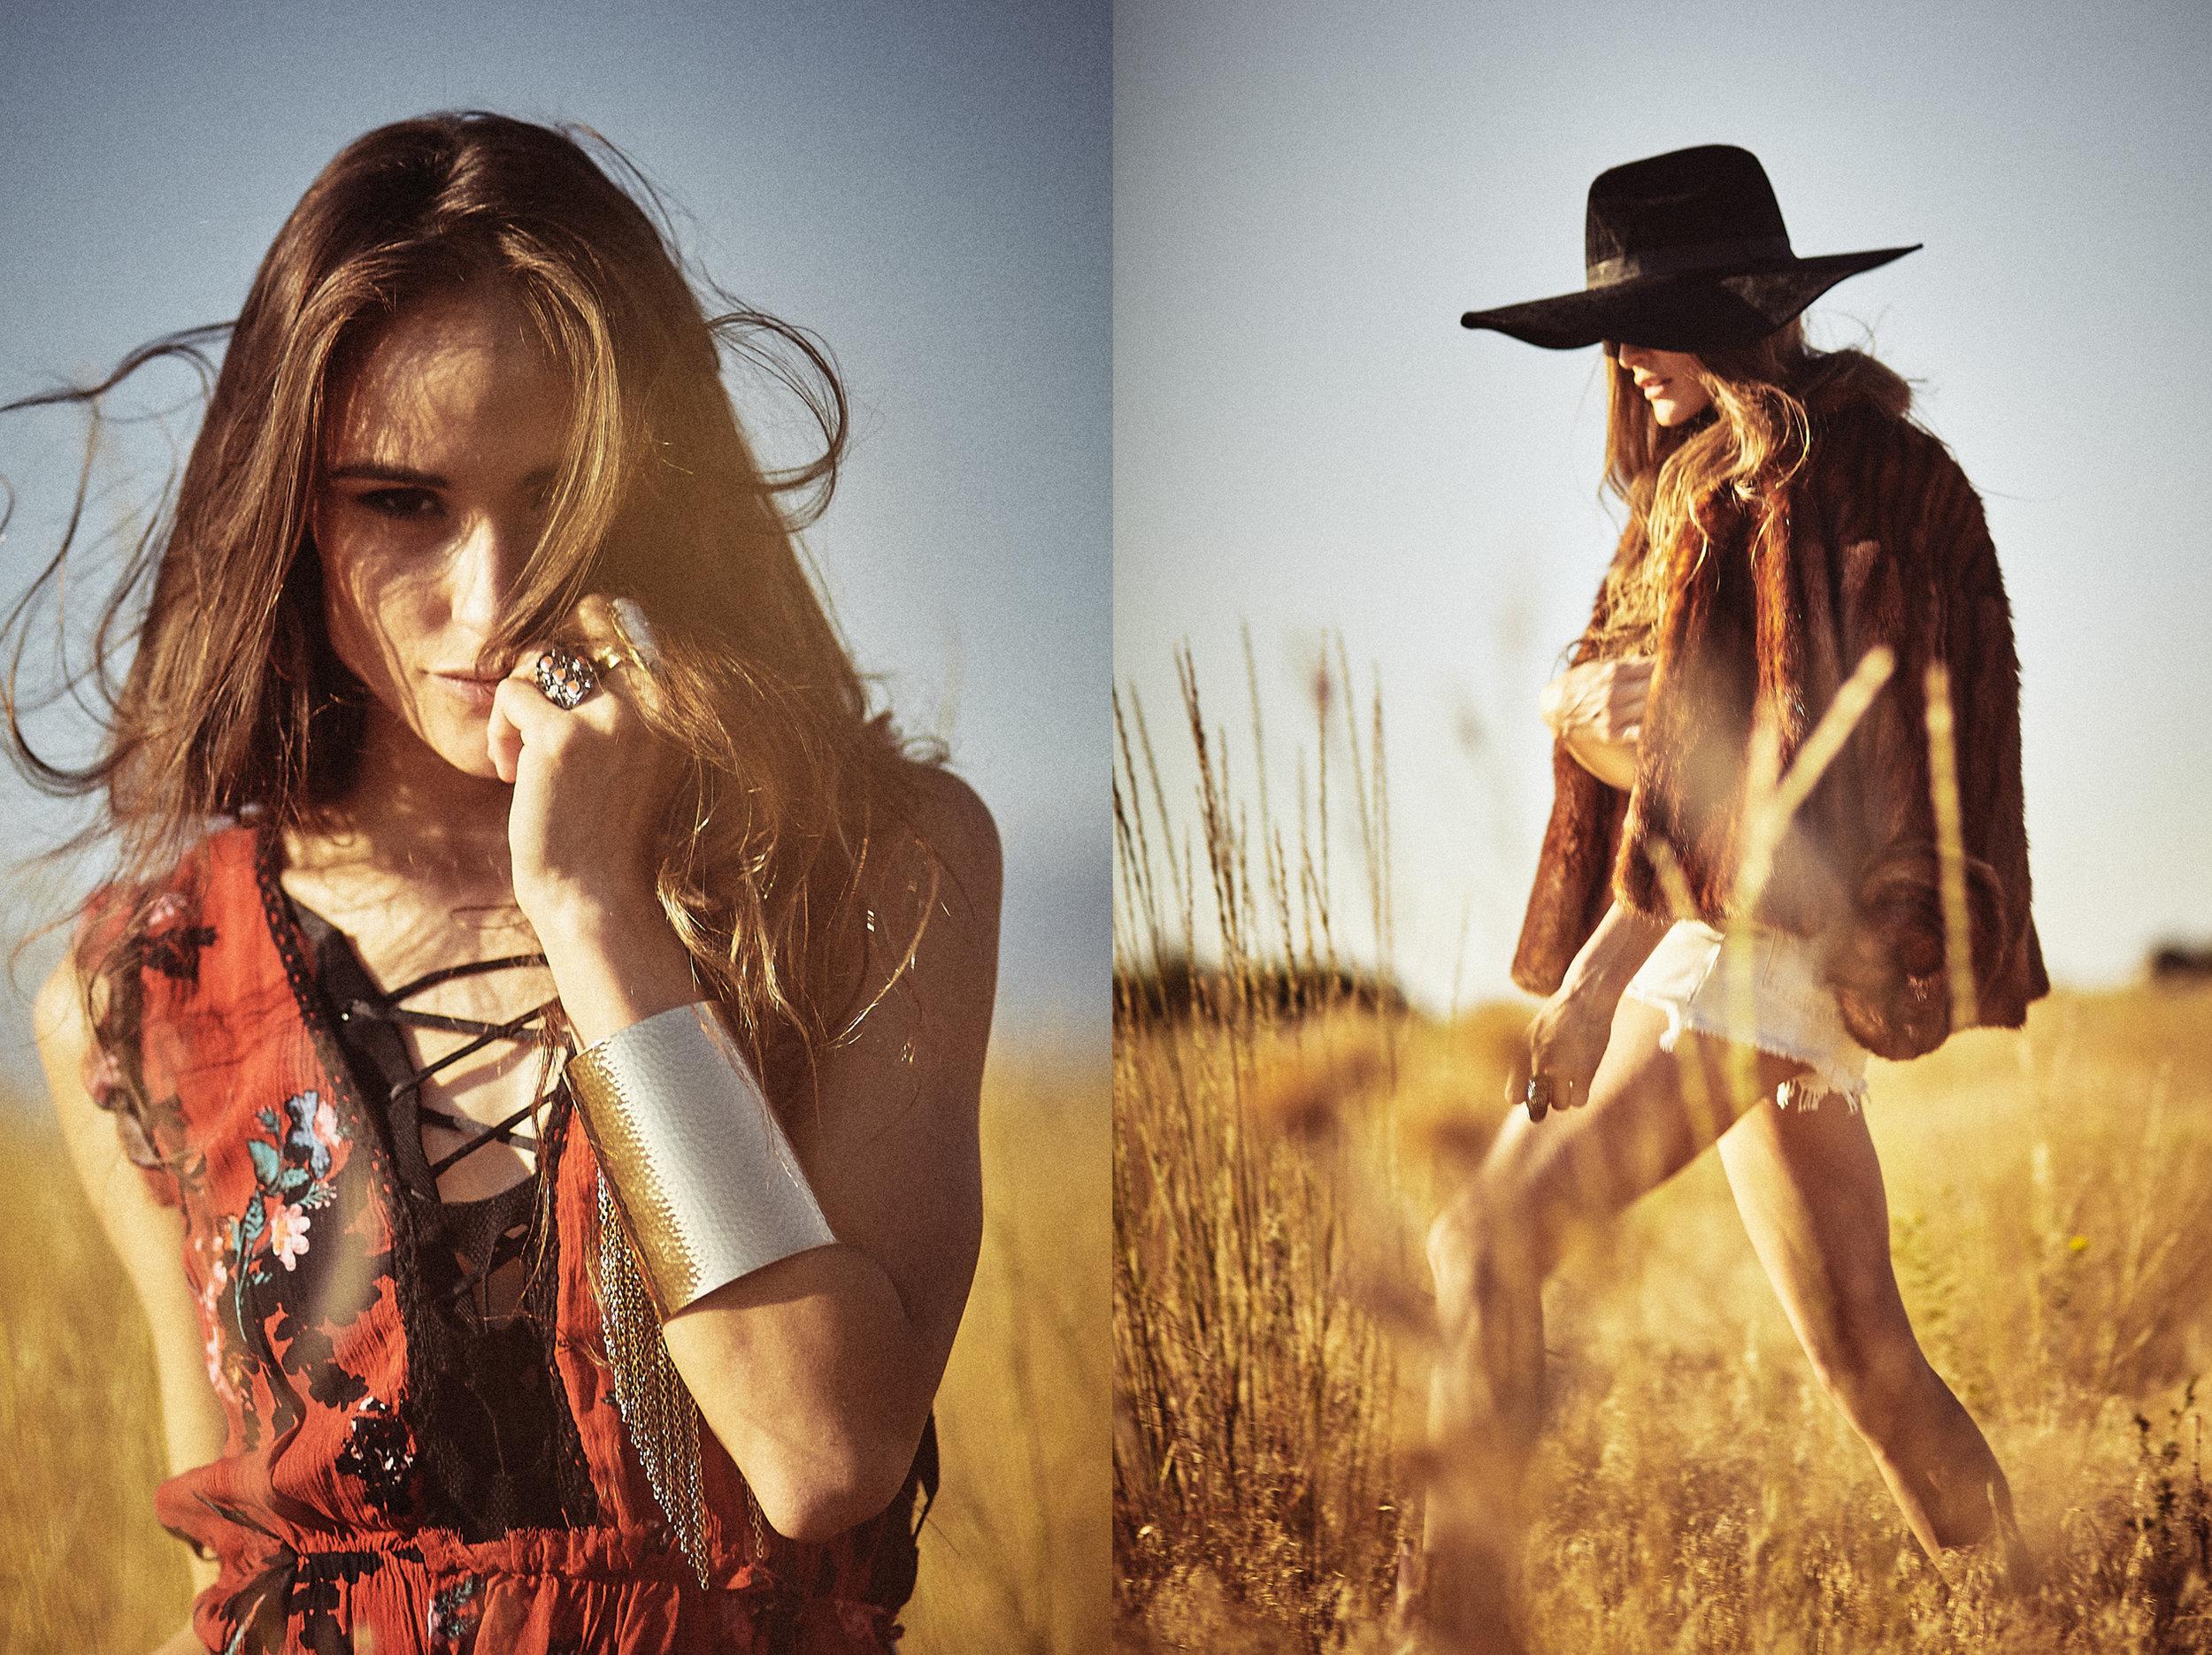 editorial-desert01.jpg